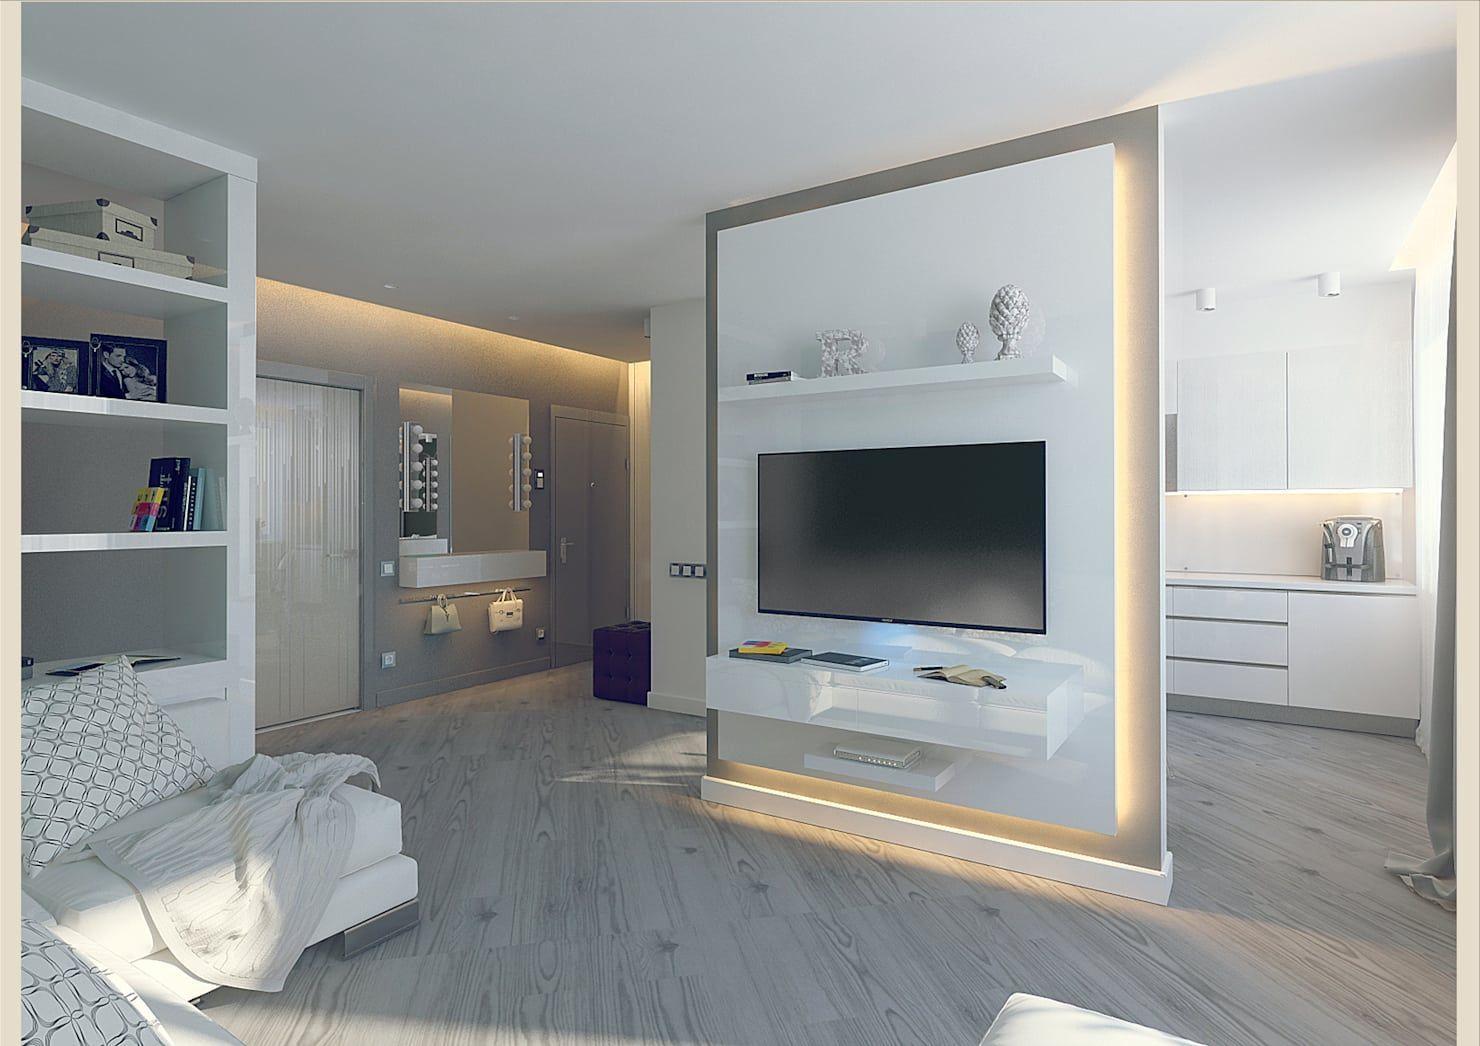 Minimalistische wohnzimmer von tutto design #roomdividerideas room